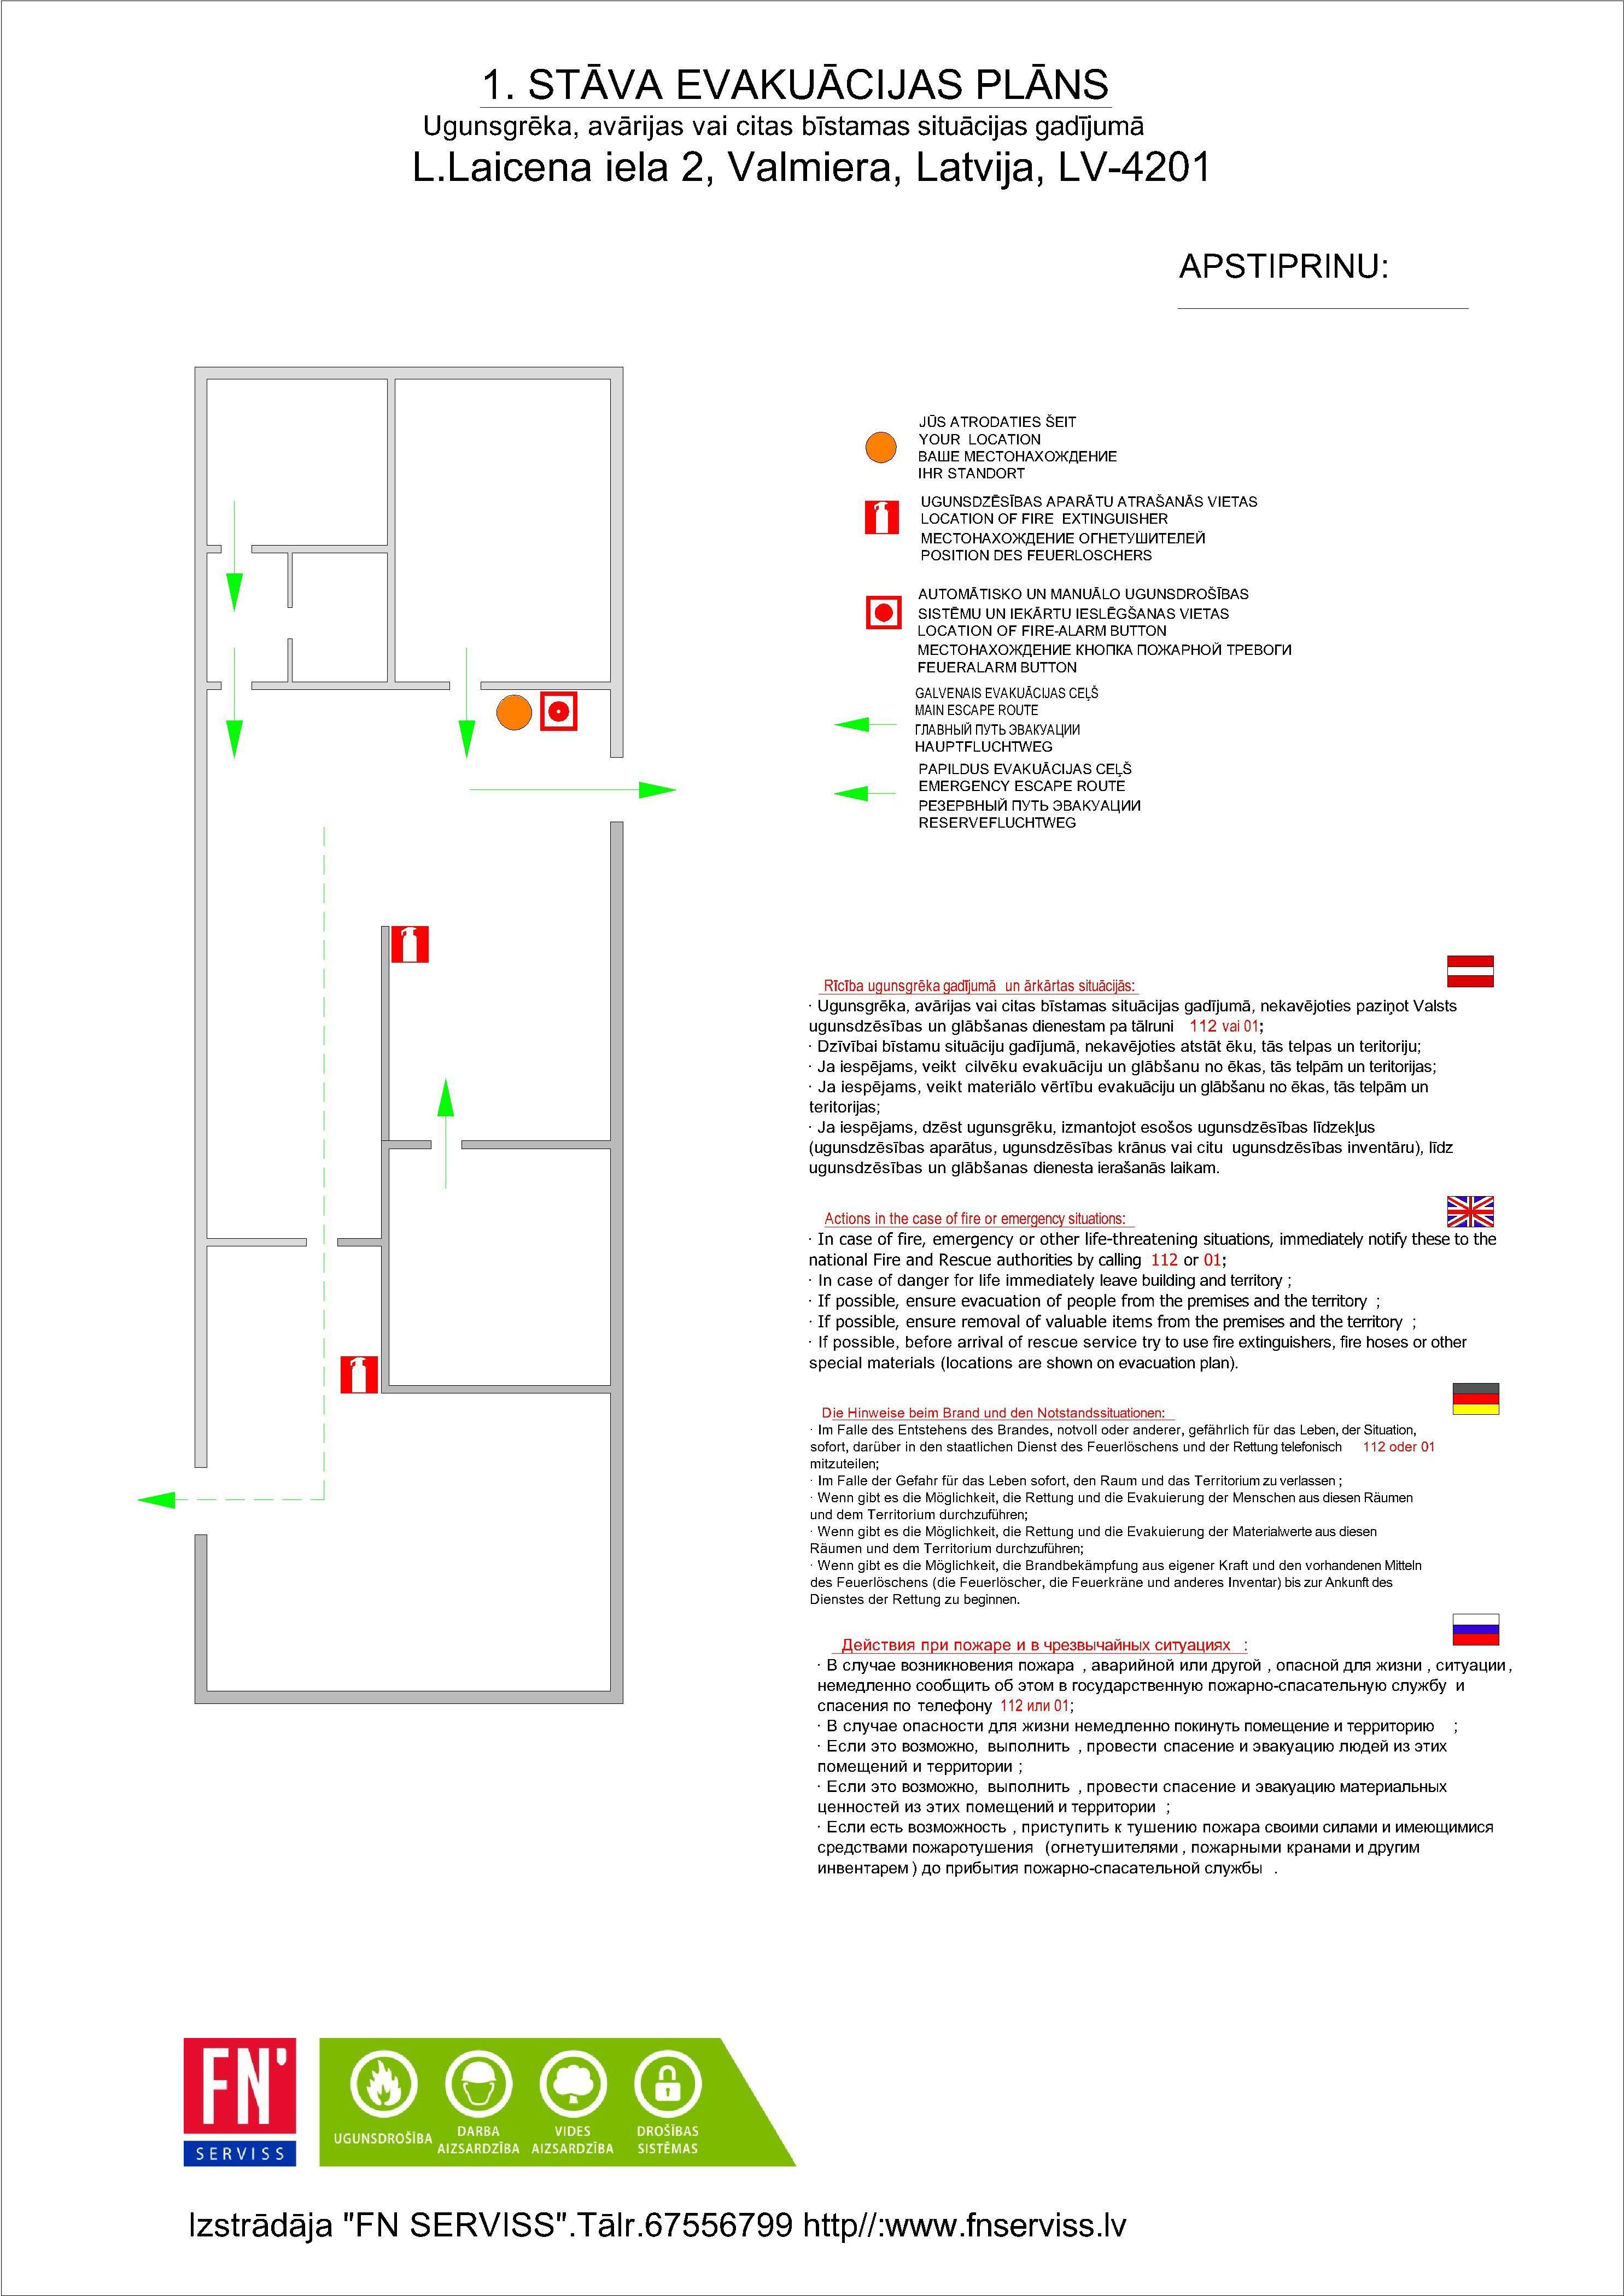 Evakuācijas plānu izstrāde un nepieciešamība